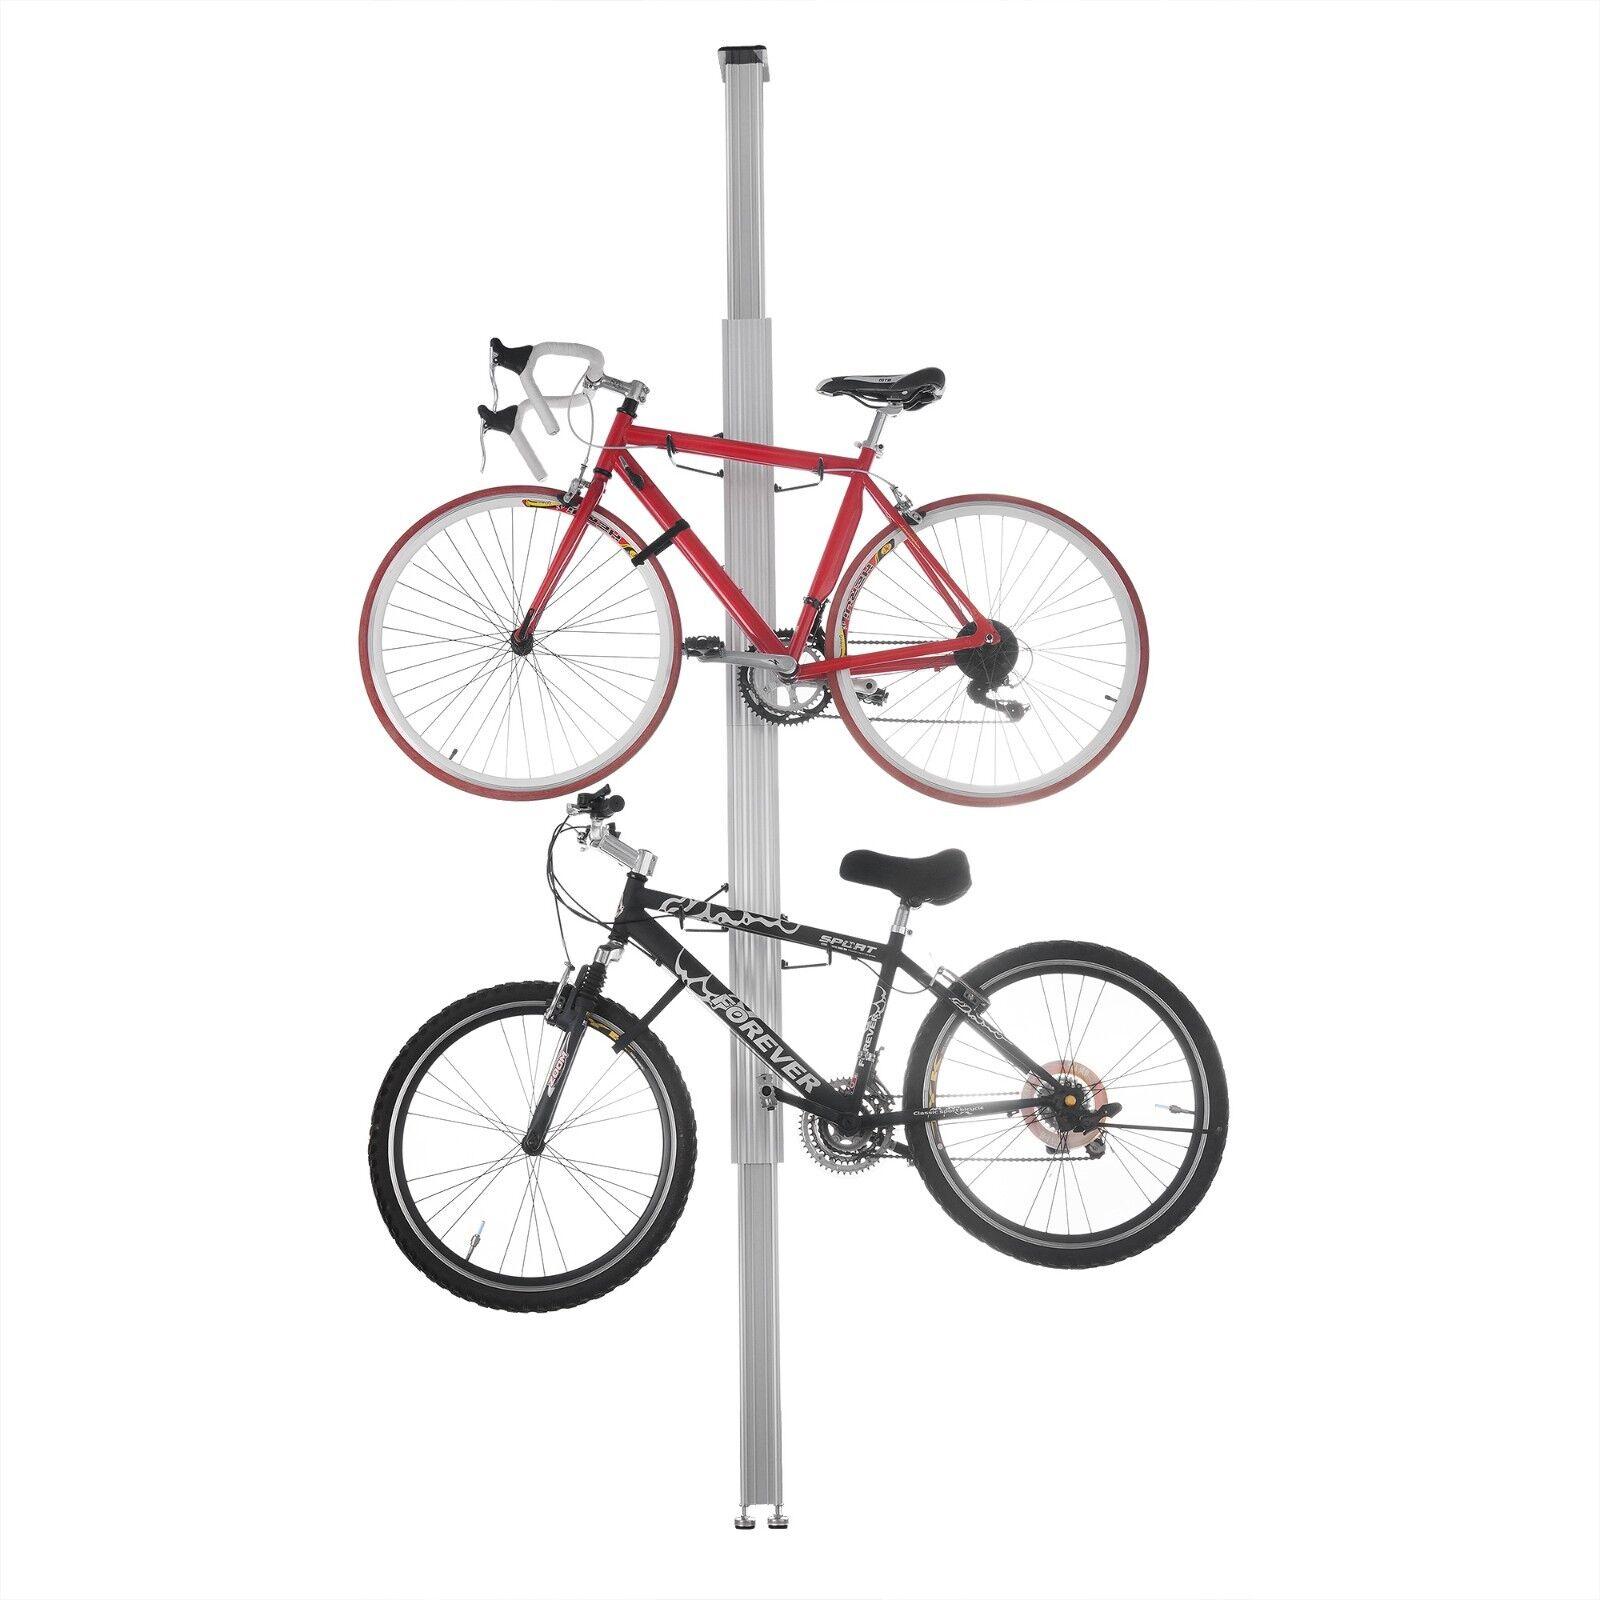 Aluminio Soporte de Bicicleta para bicicletas almacenamiento de información o pantalla posee dos bicicletas